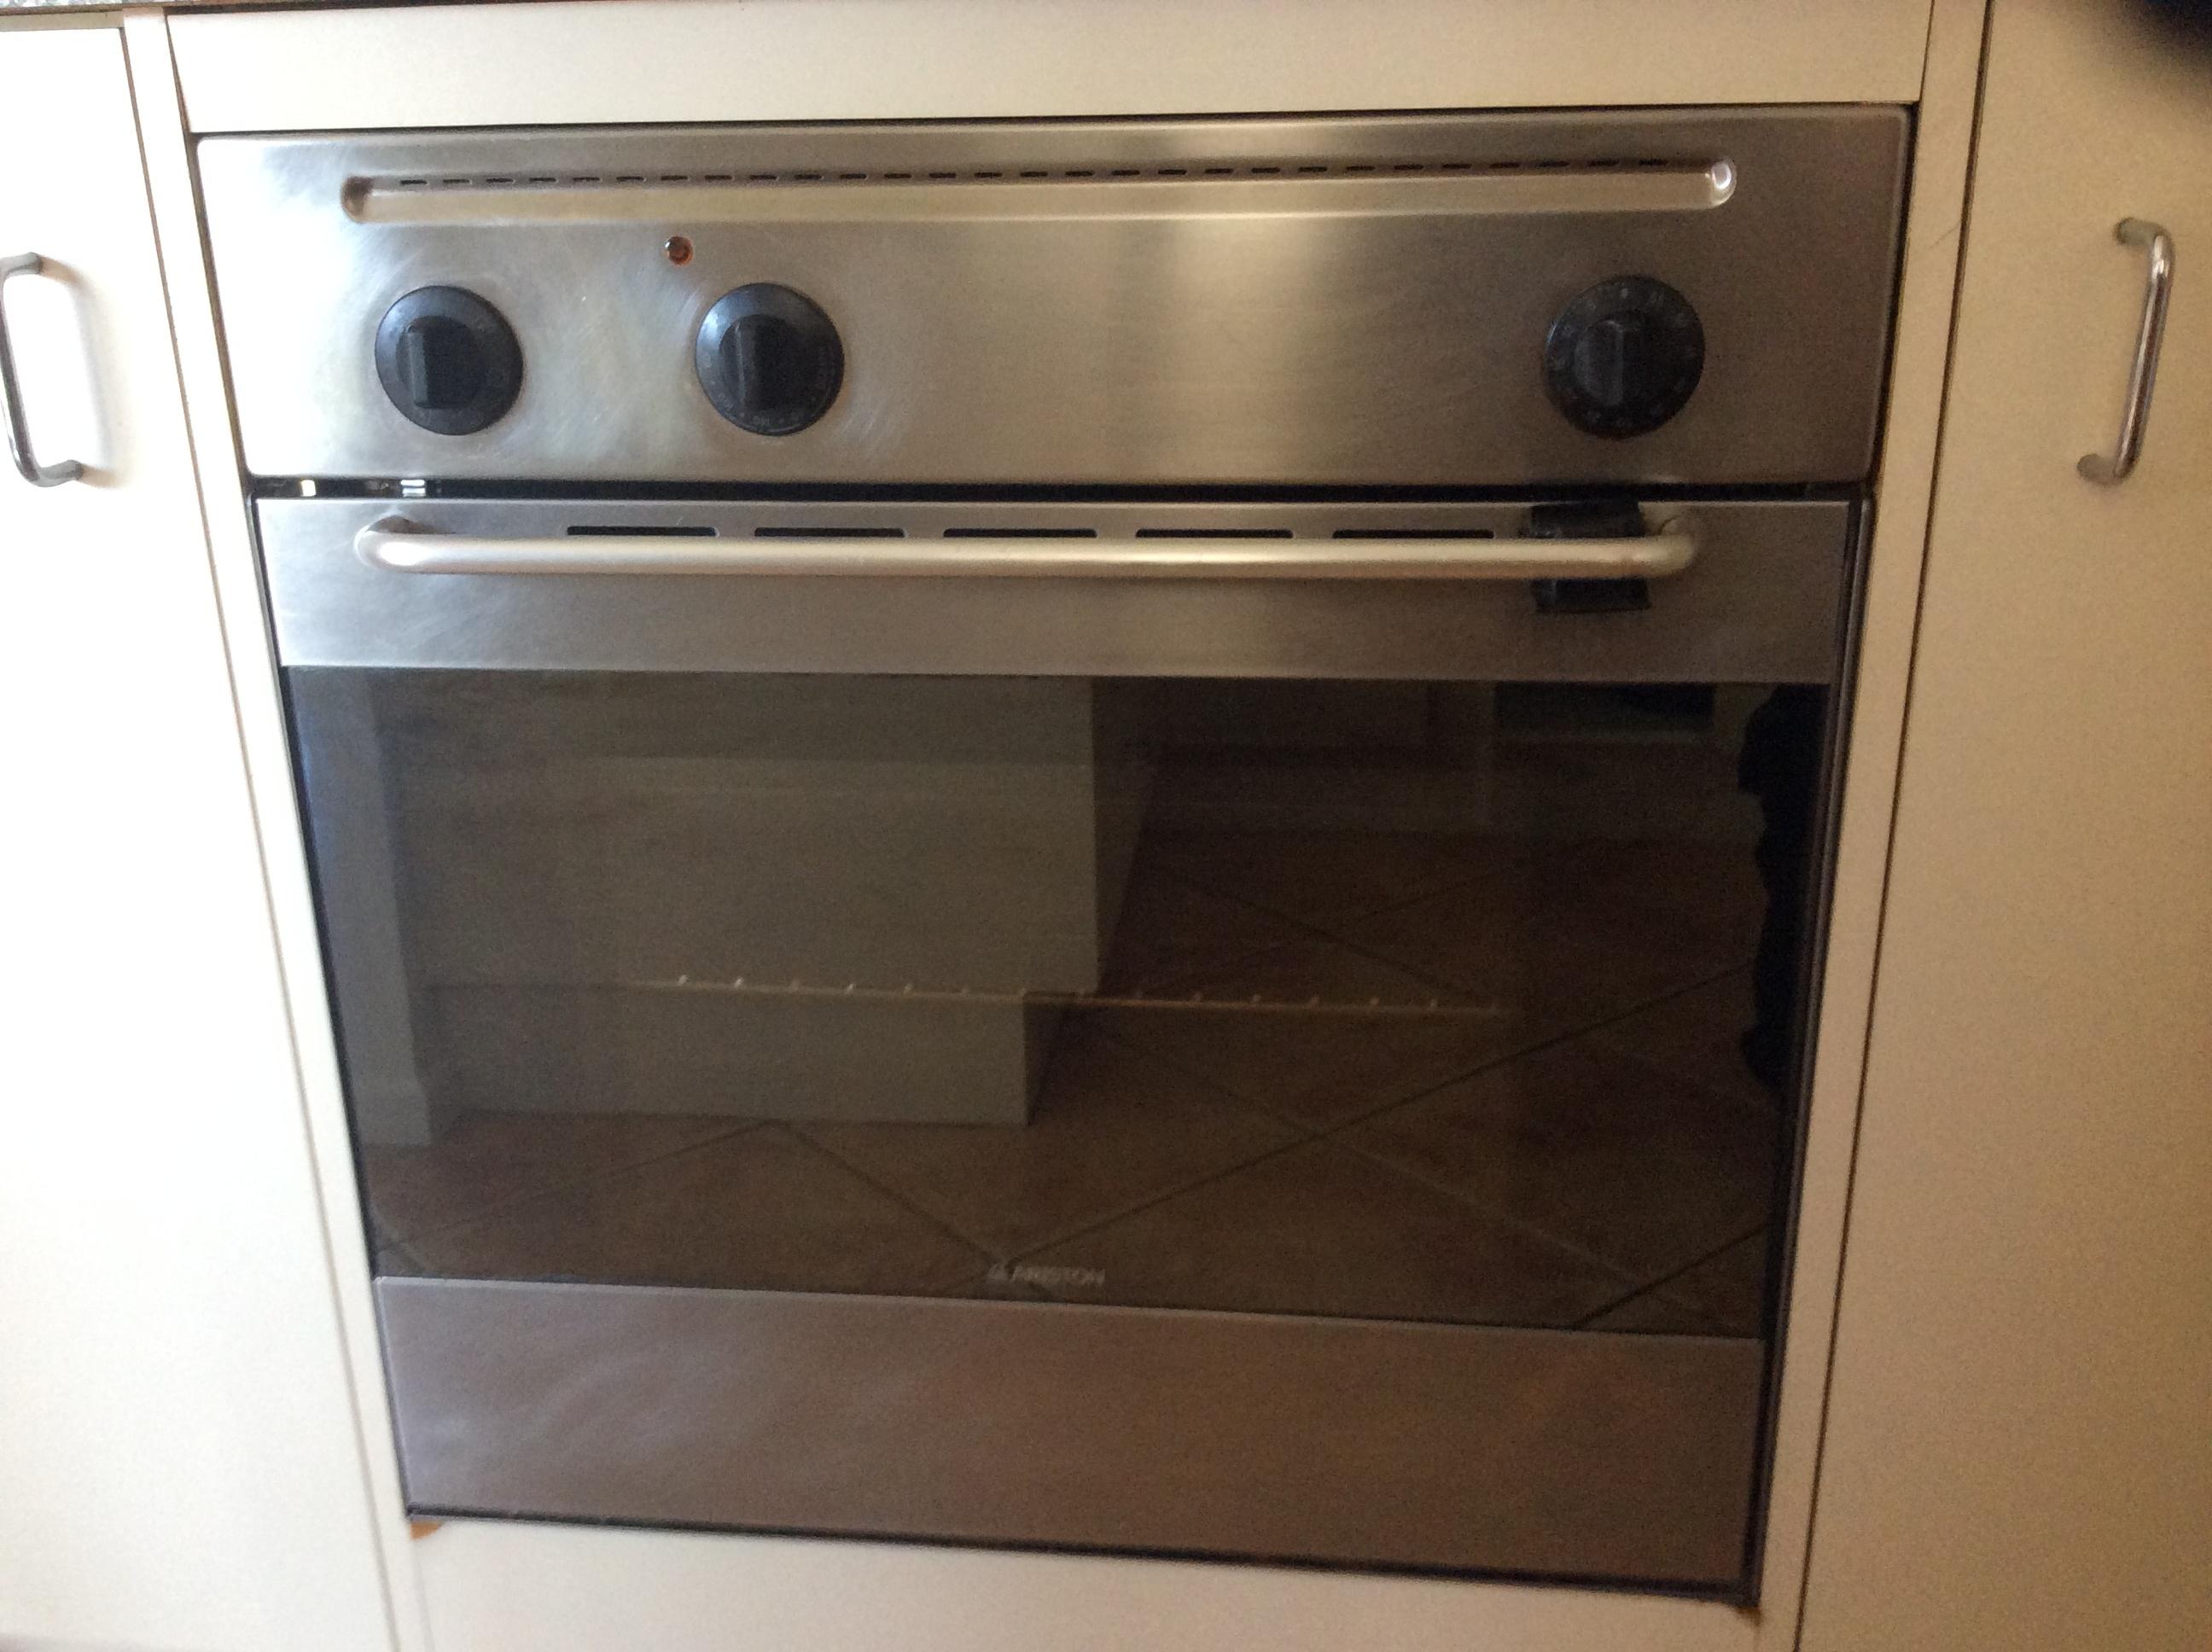 Ariston Stainless Steel Oven, Gas Stove & Rangehood